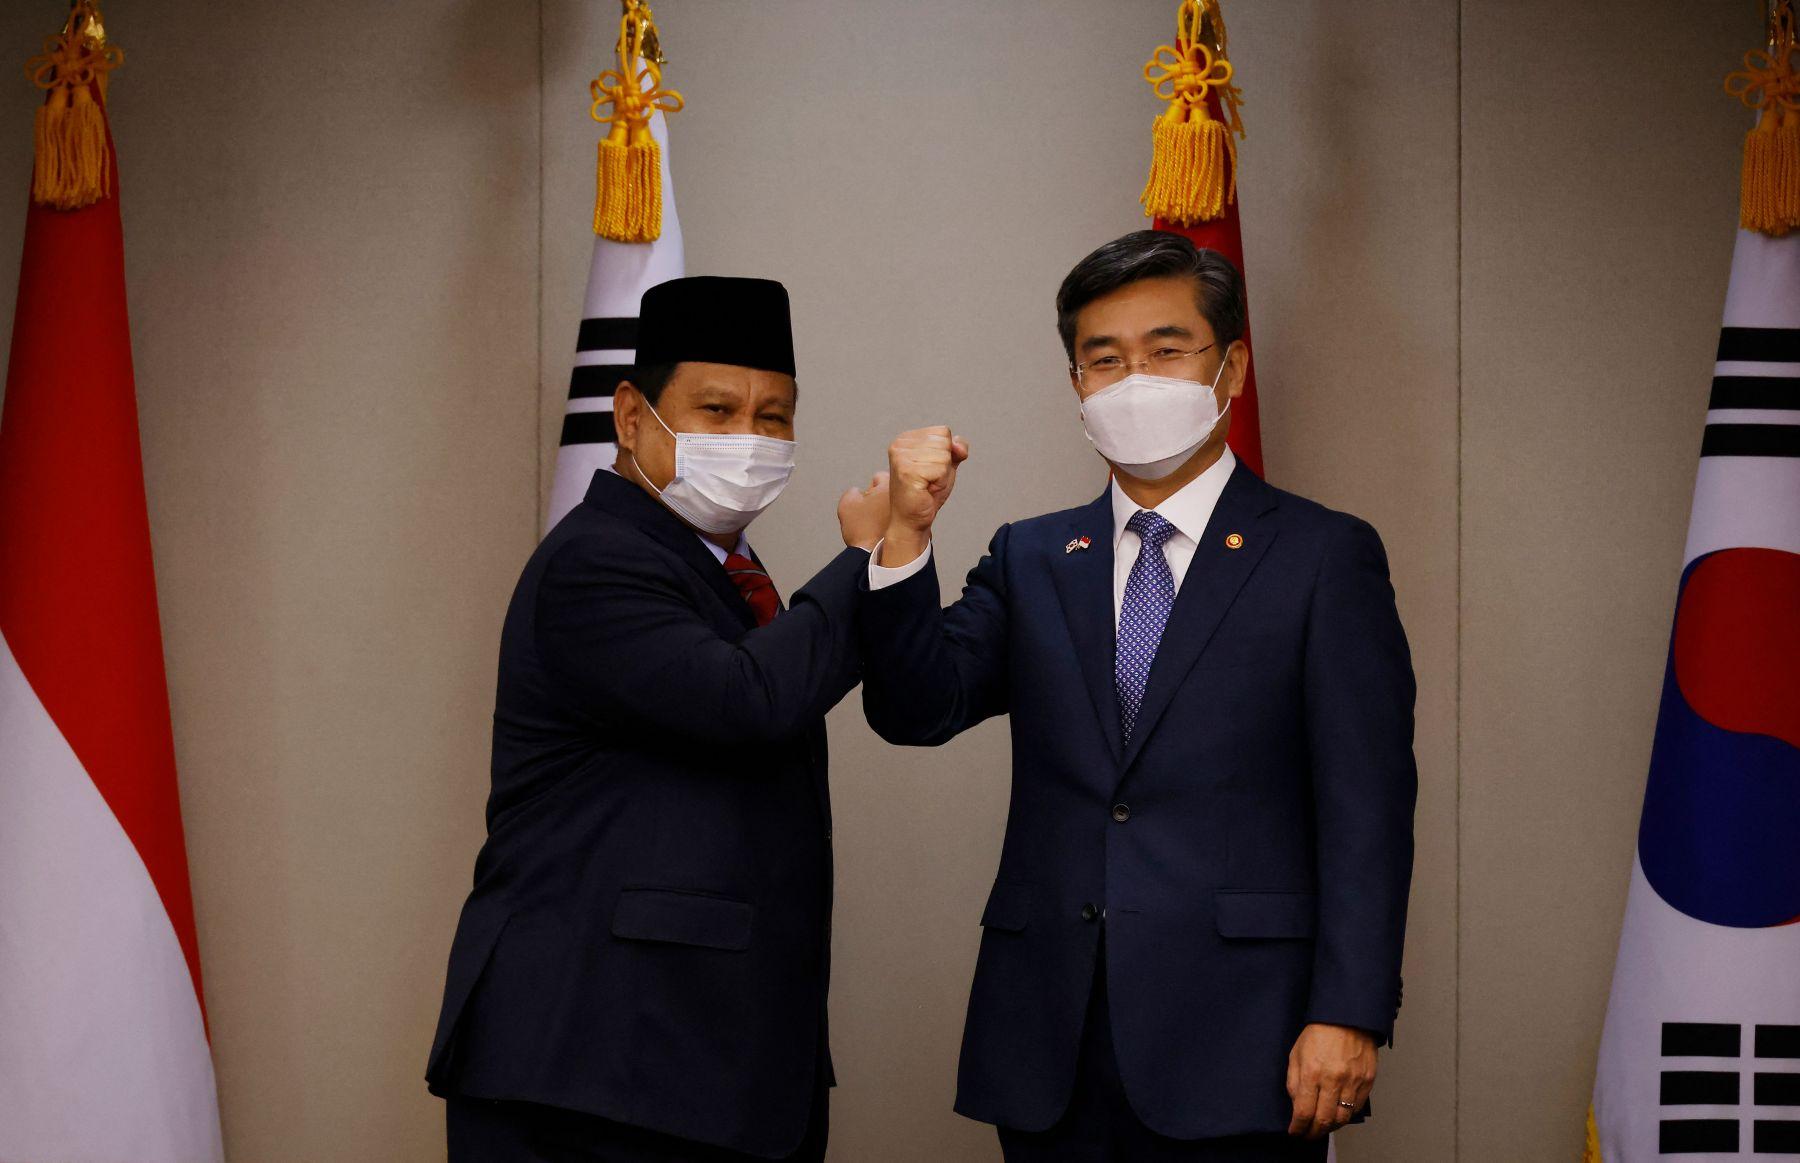 AFP/KIM HONG-JI